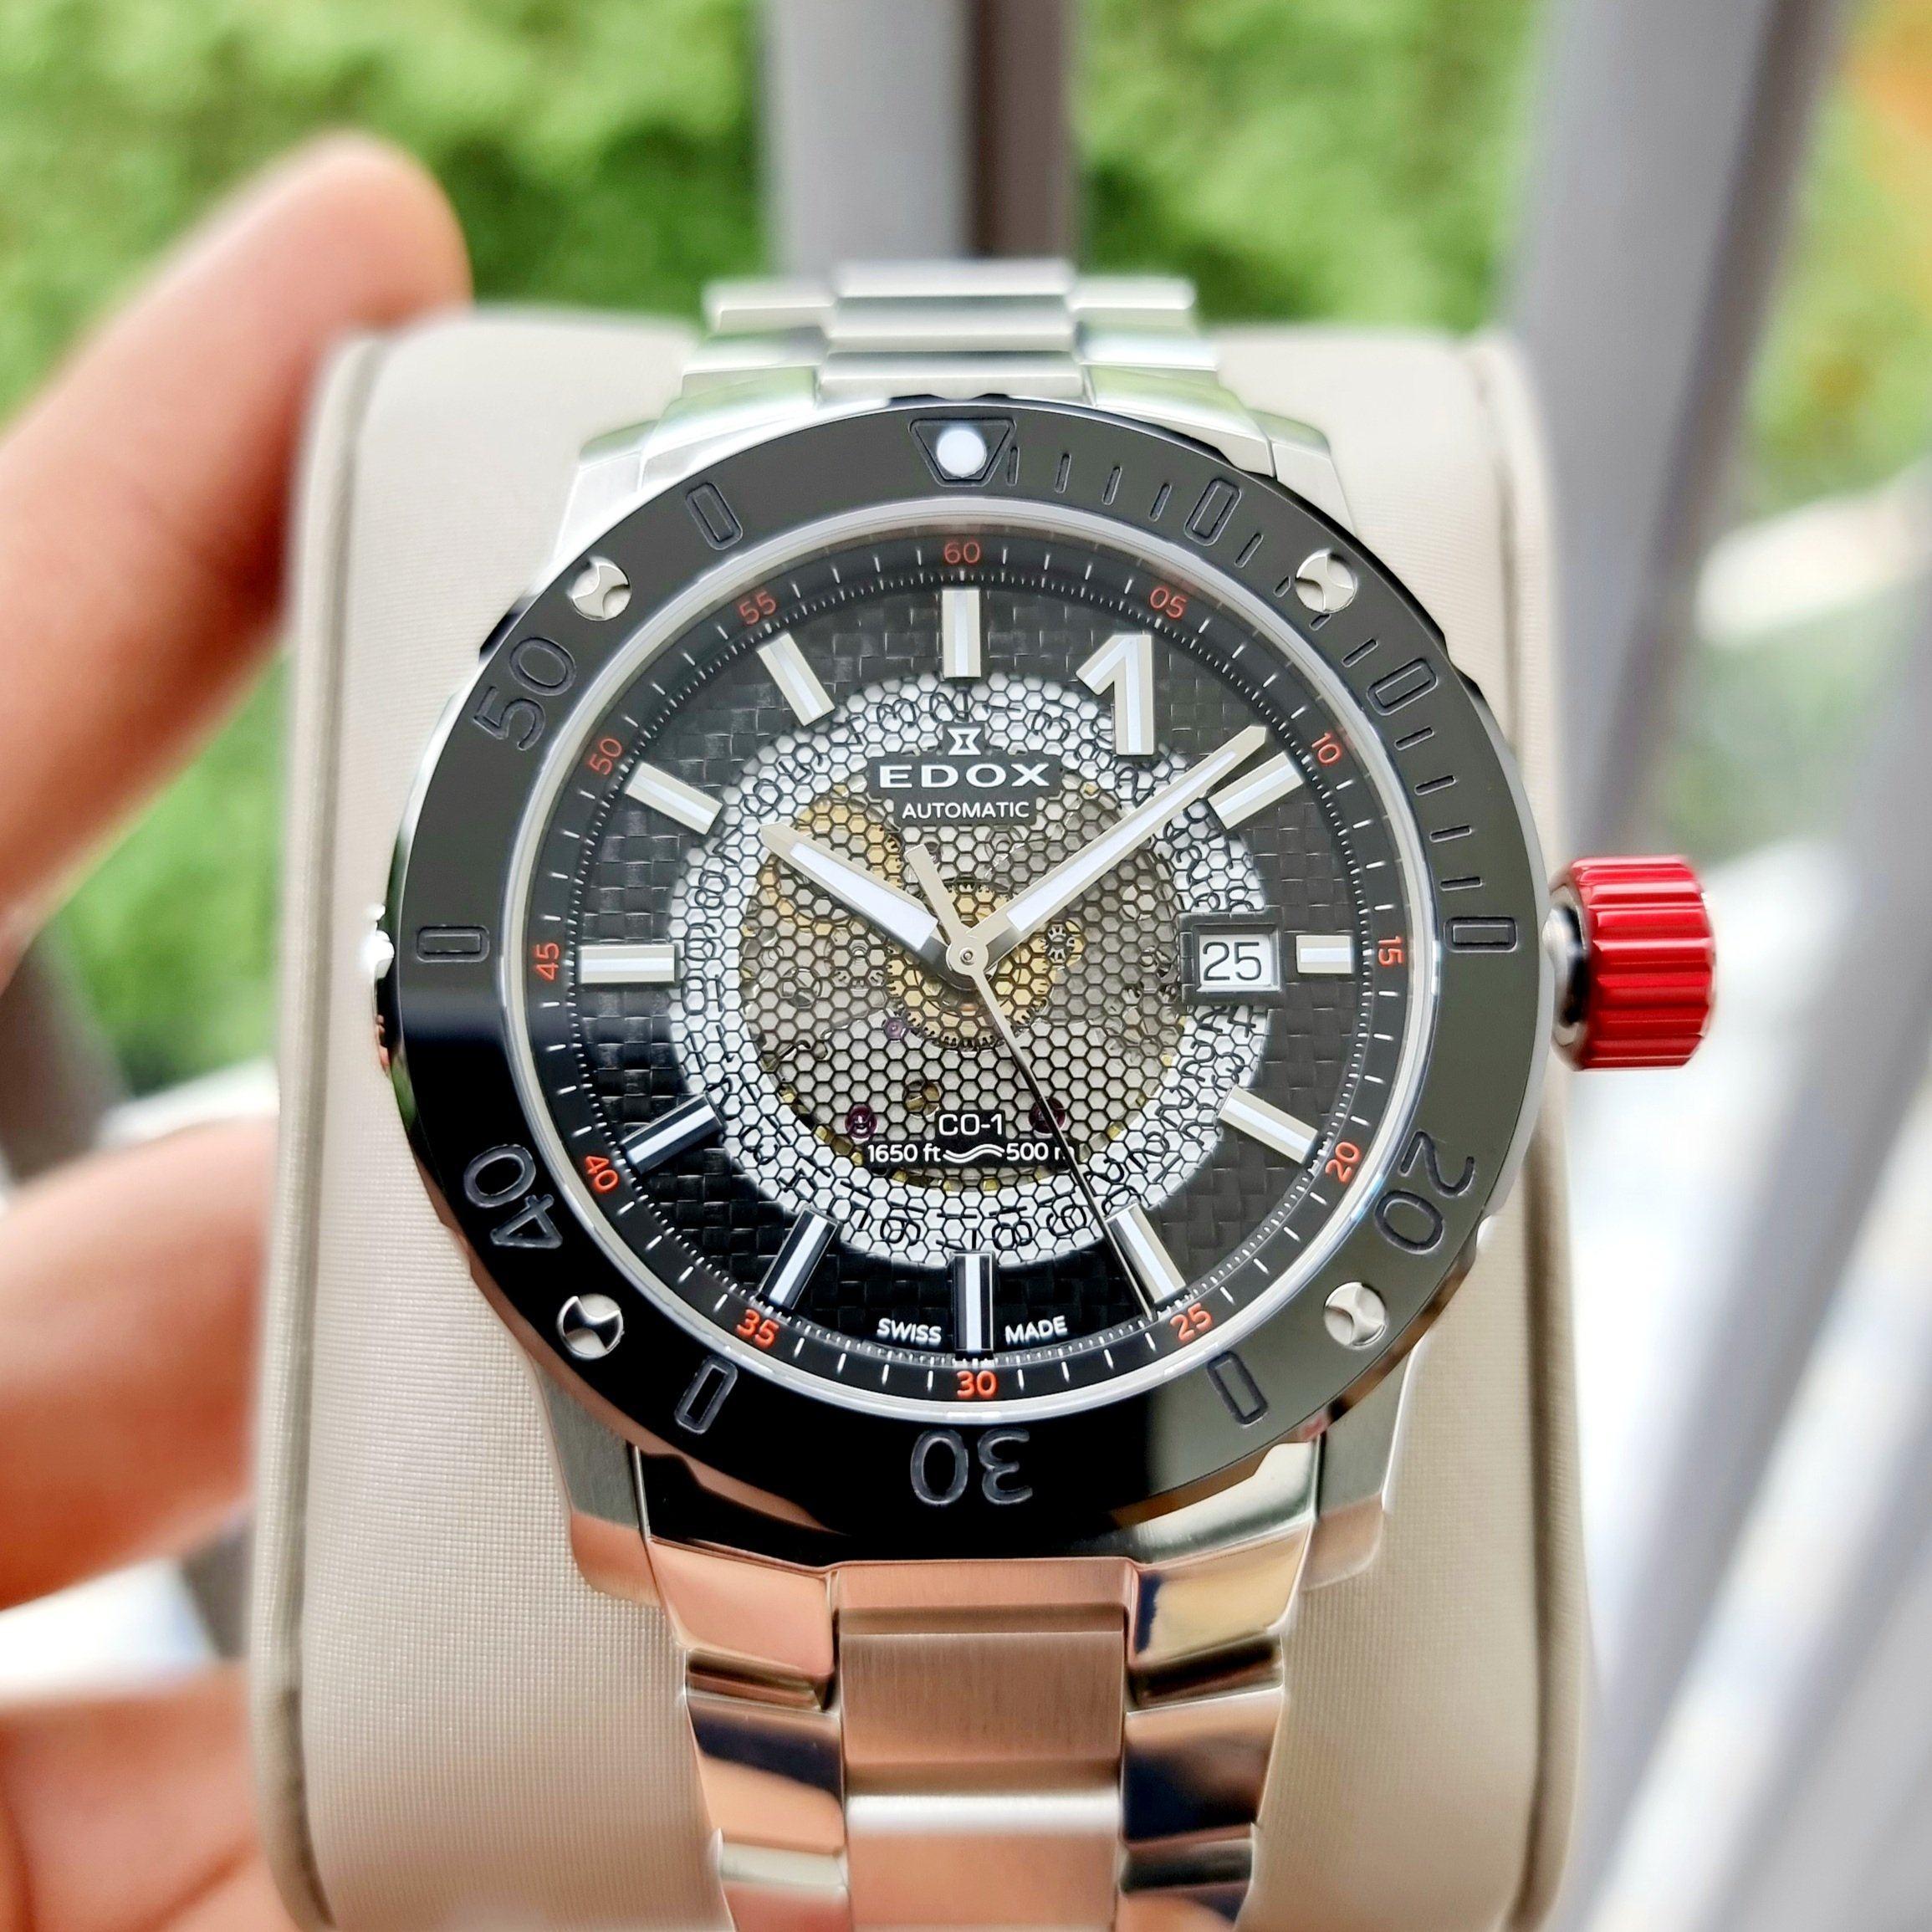 Đồng hồ E.DOX Chronoffshore-1 Black - 80099-3RM-NIN